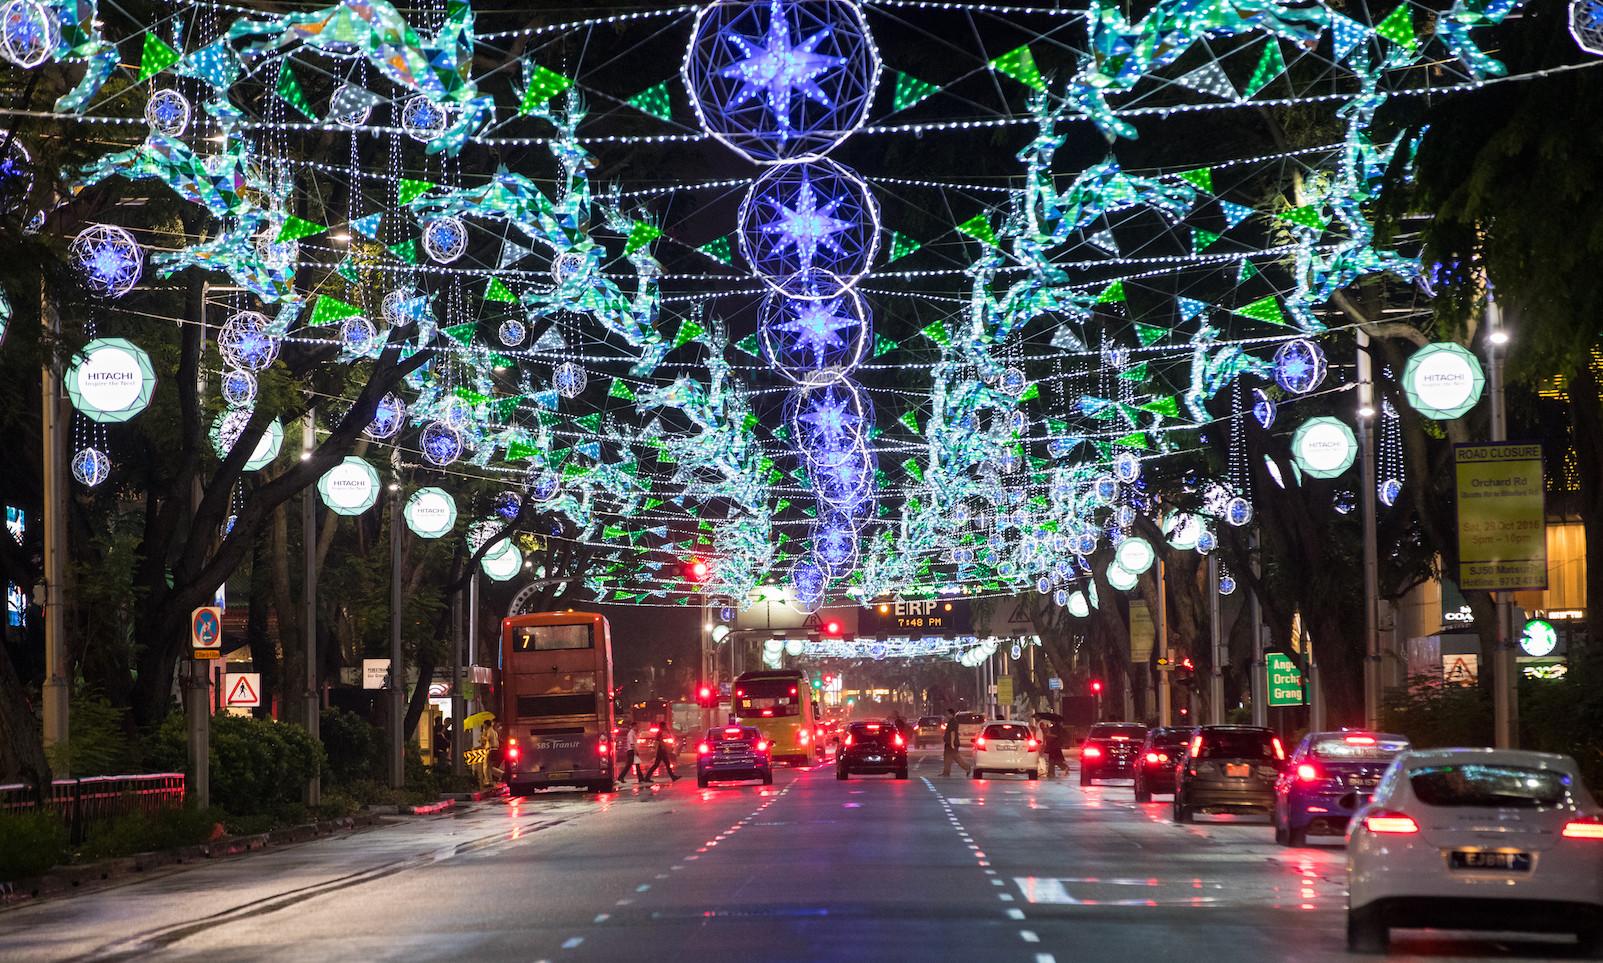 Singapore là một trong những nơi chào đón Noel rực rỡ nhất khi khắp các tuyến phố được trang trí rất nhiều dây đèn. Ảnh: marketing-interactive